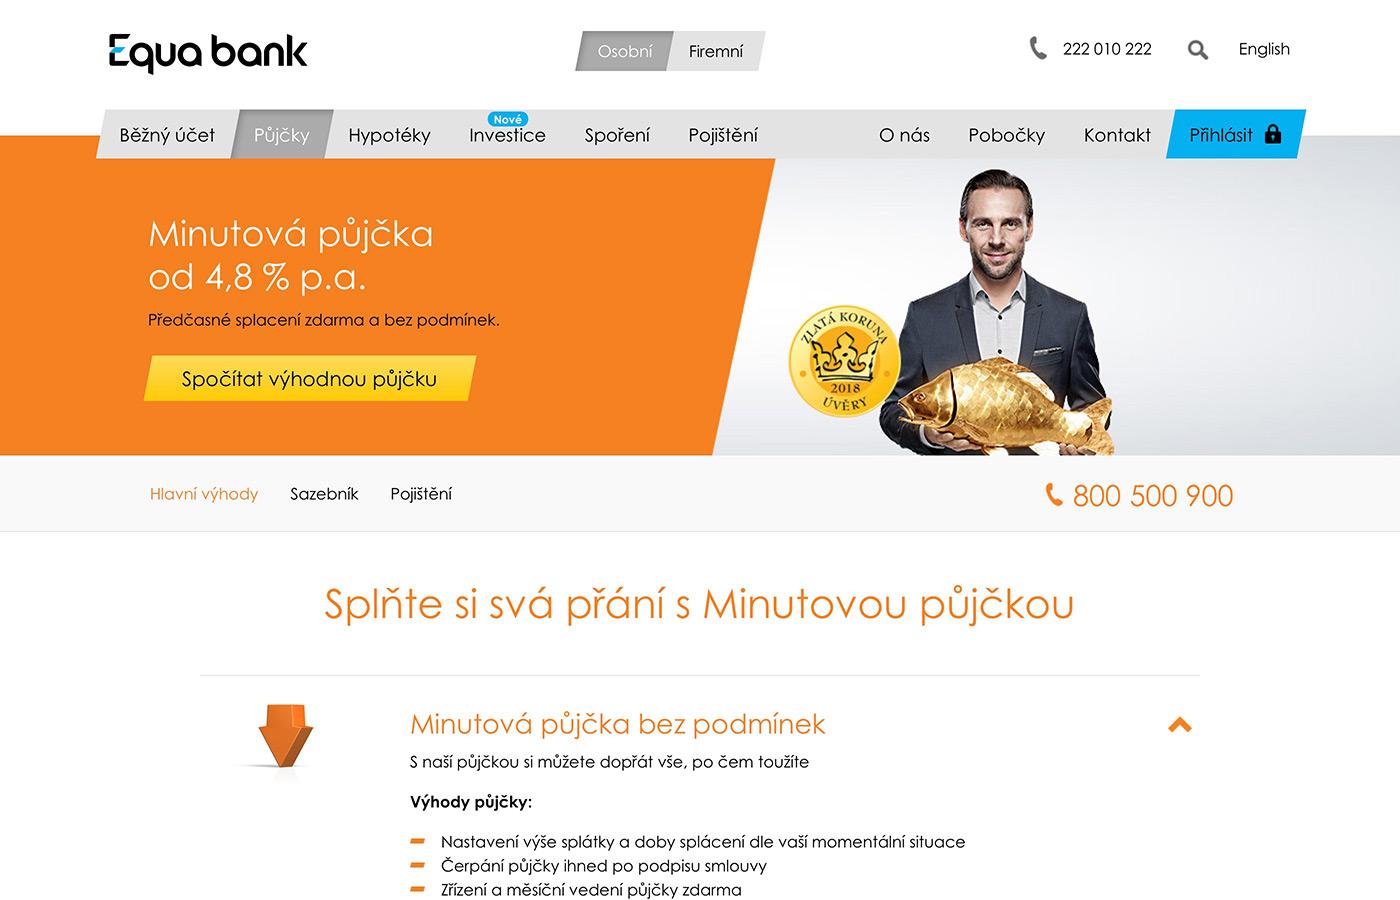 Webové stránky https://www.equabank.cz/pujcky/pujcka